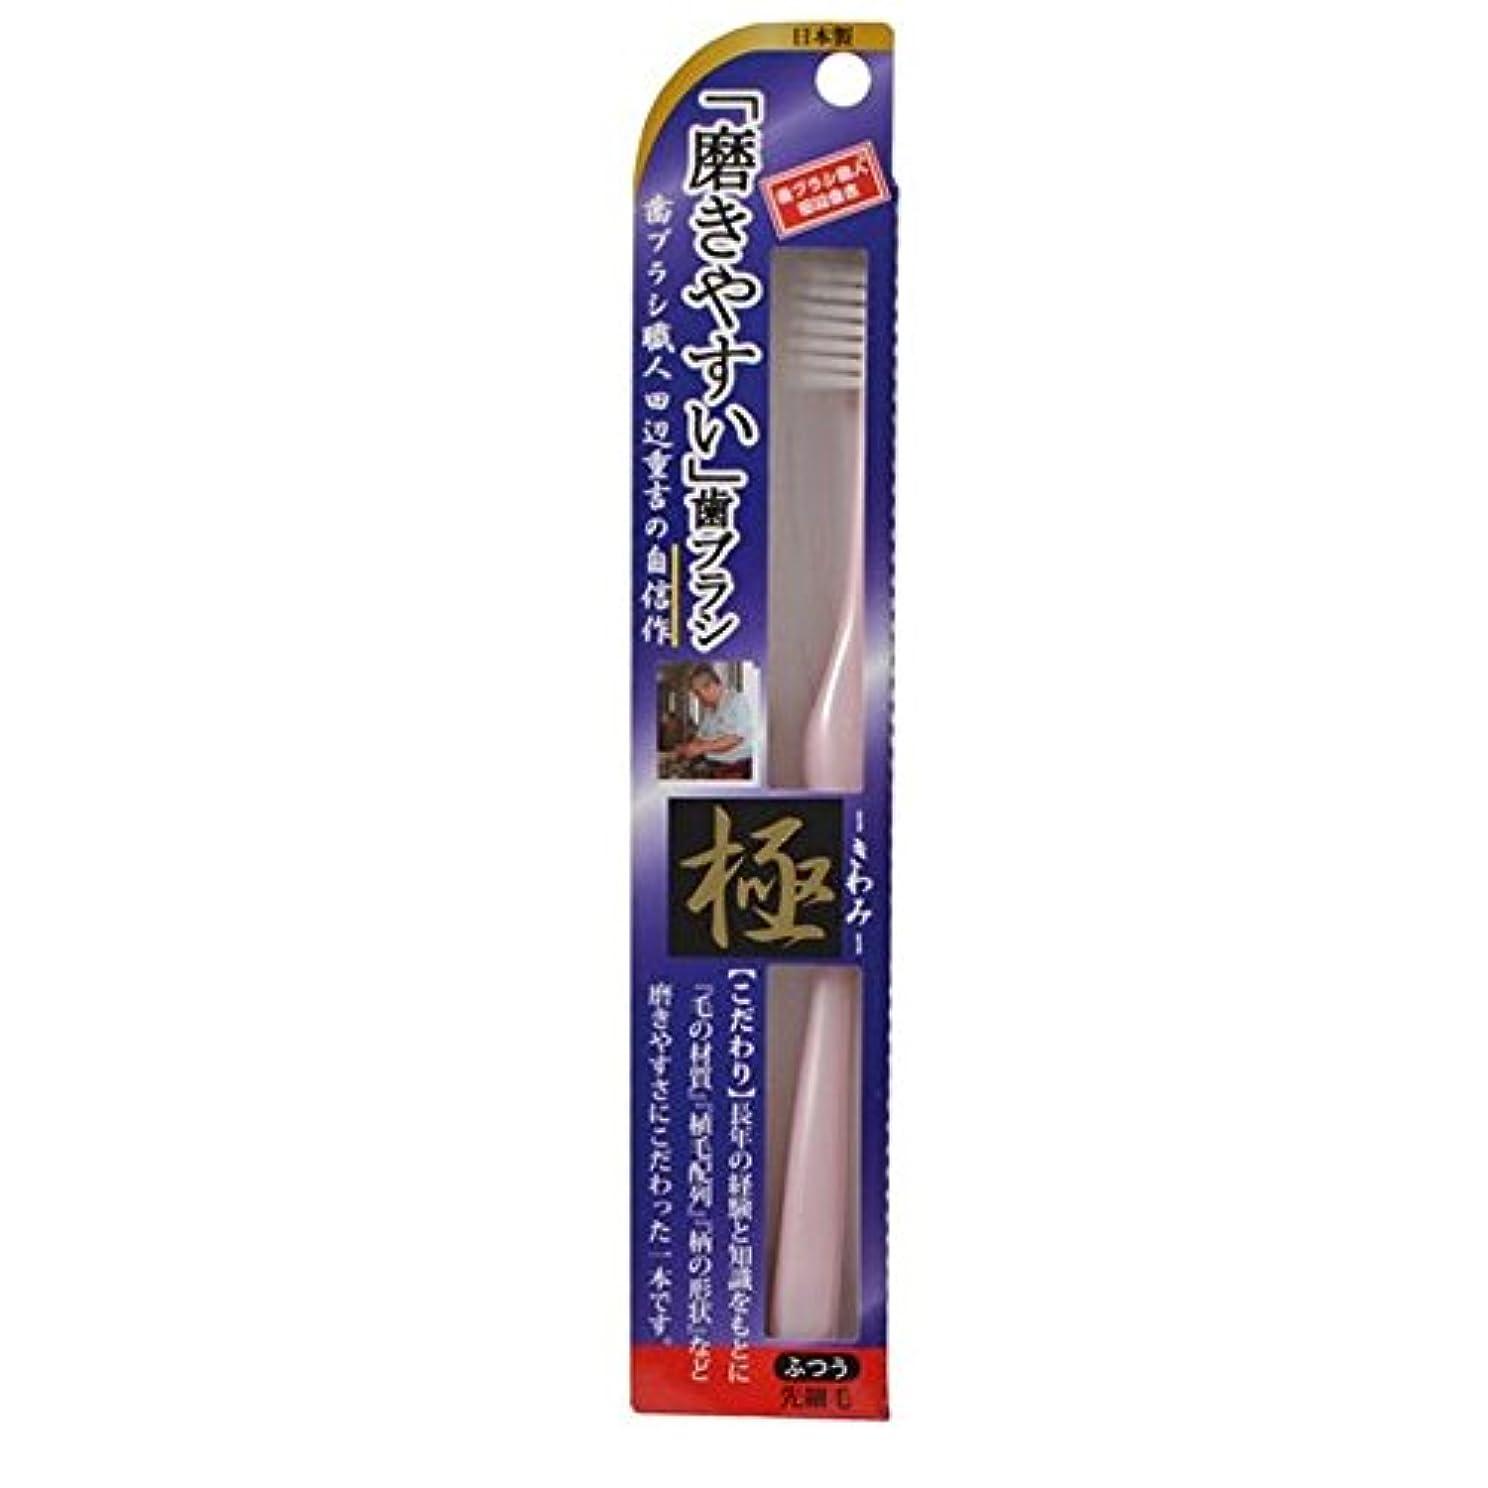 等々クラウド自宅で磨きやすい歯ブラシ極 LT-22